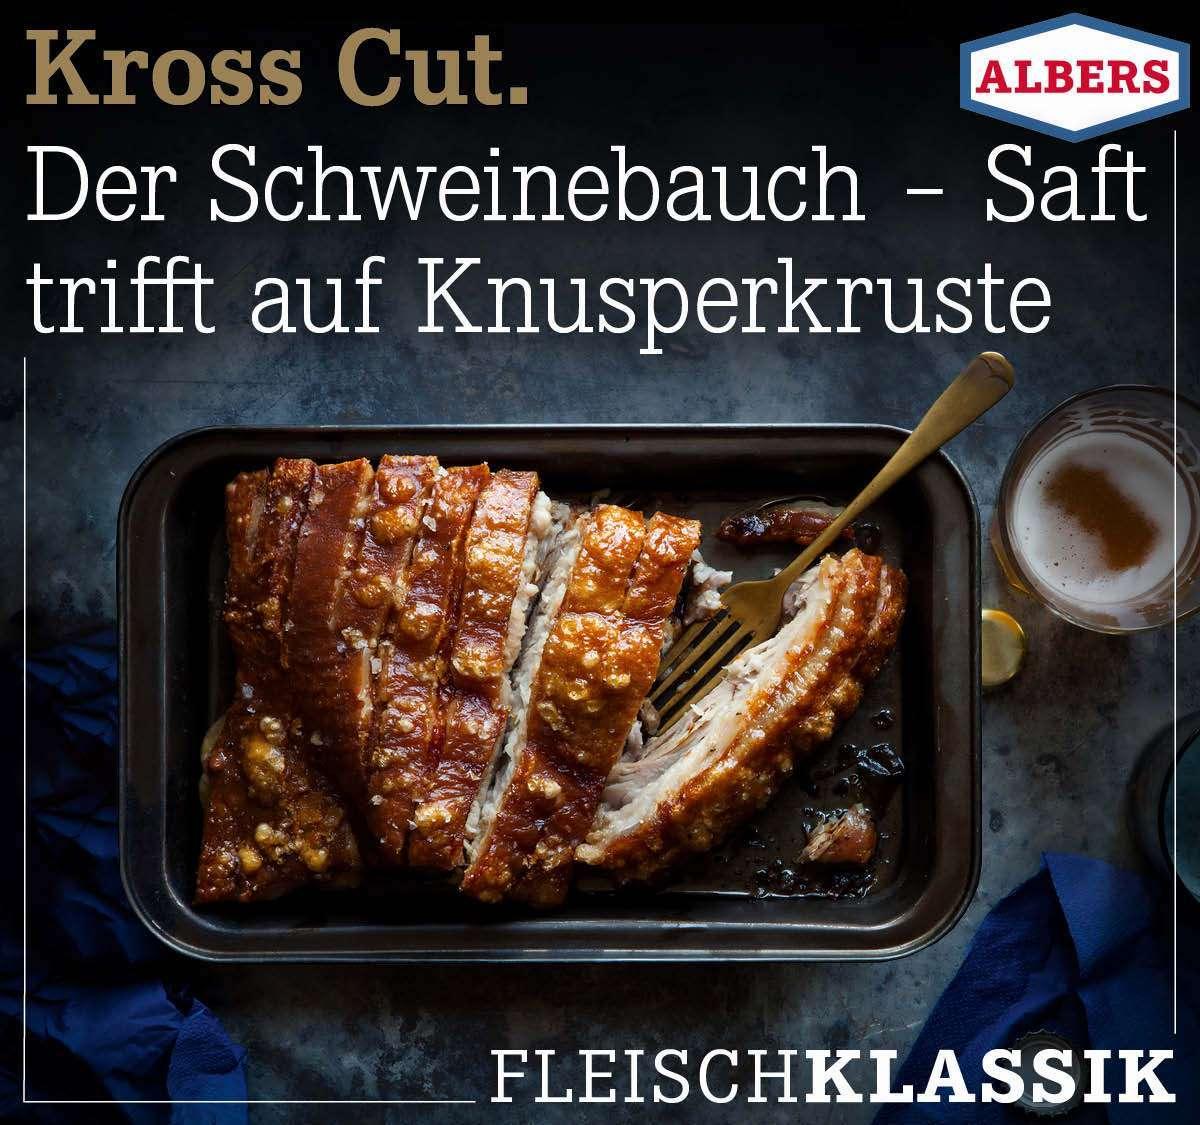 Kross Cut. Der Schweinebauch – Saft trifft auf Knusperkruste